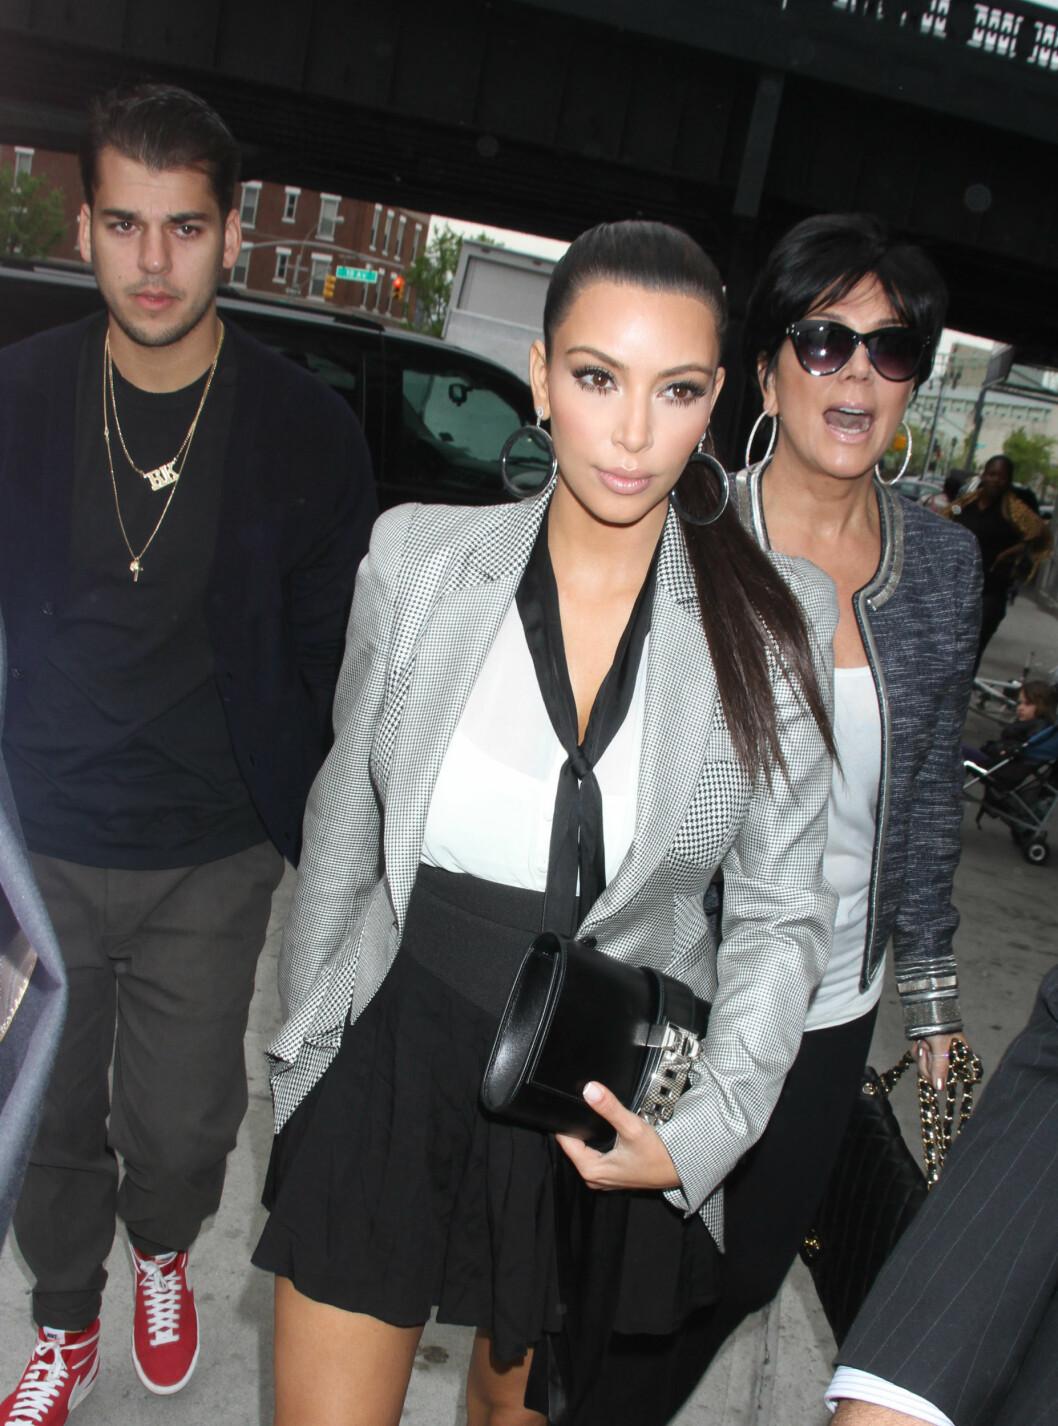 IKKE TILSTEDE: Robert Kardashian lever skjult fra omverdenen. Her er han avbildet med søsteren Kim og moren Kris i 2012.  Foto: © infusny-05/42/INFphoto.com/Corbis